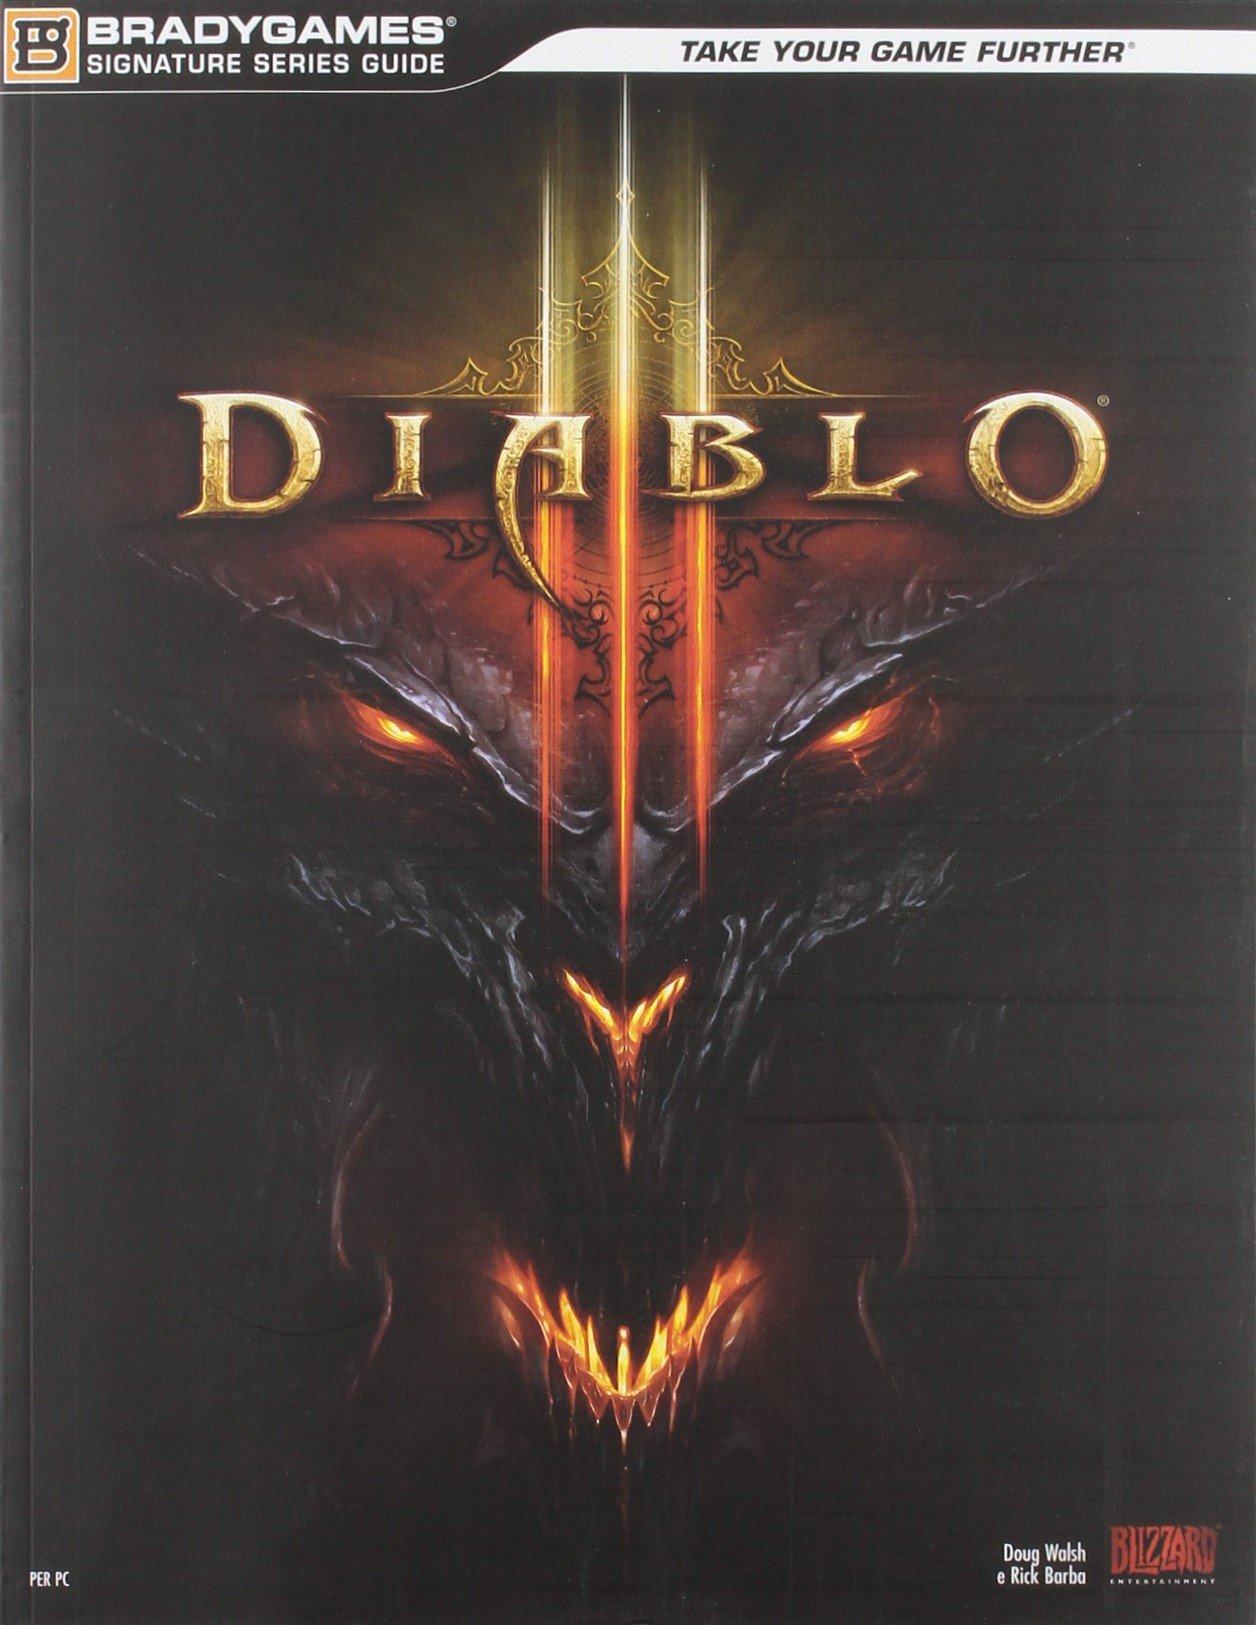 Diablo III: Guida Strategica Ufficiale Copertina flessibile – 15 mag 2012 aa.vv. Multiplayer Edizioni 3869930608